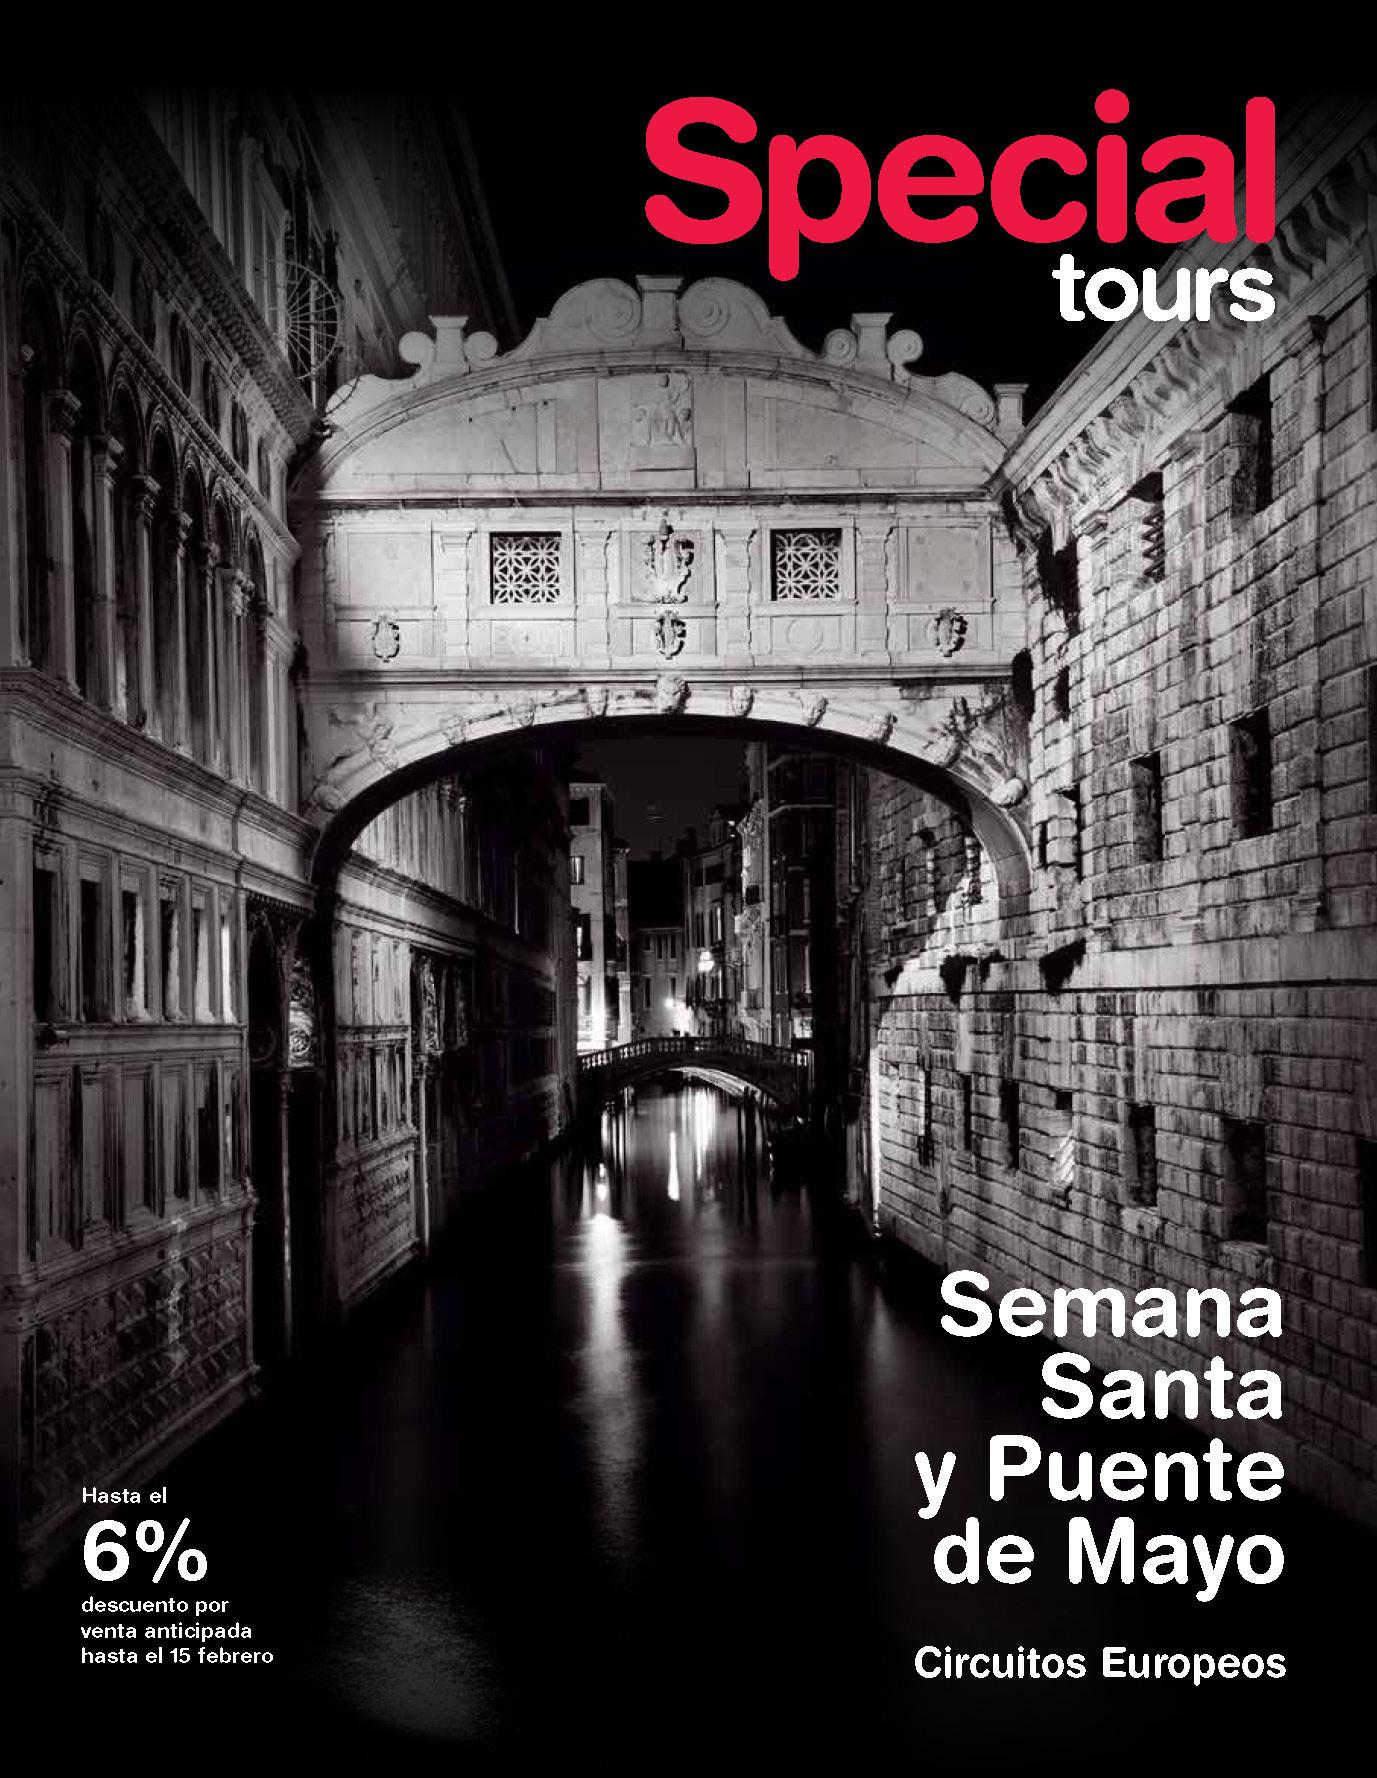 Catalogo Special Tours Semana Santa y Puente de Mayo 2019